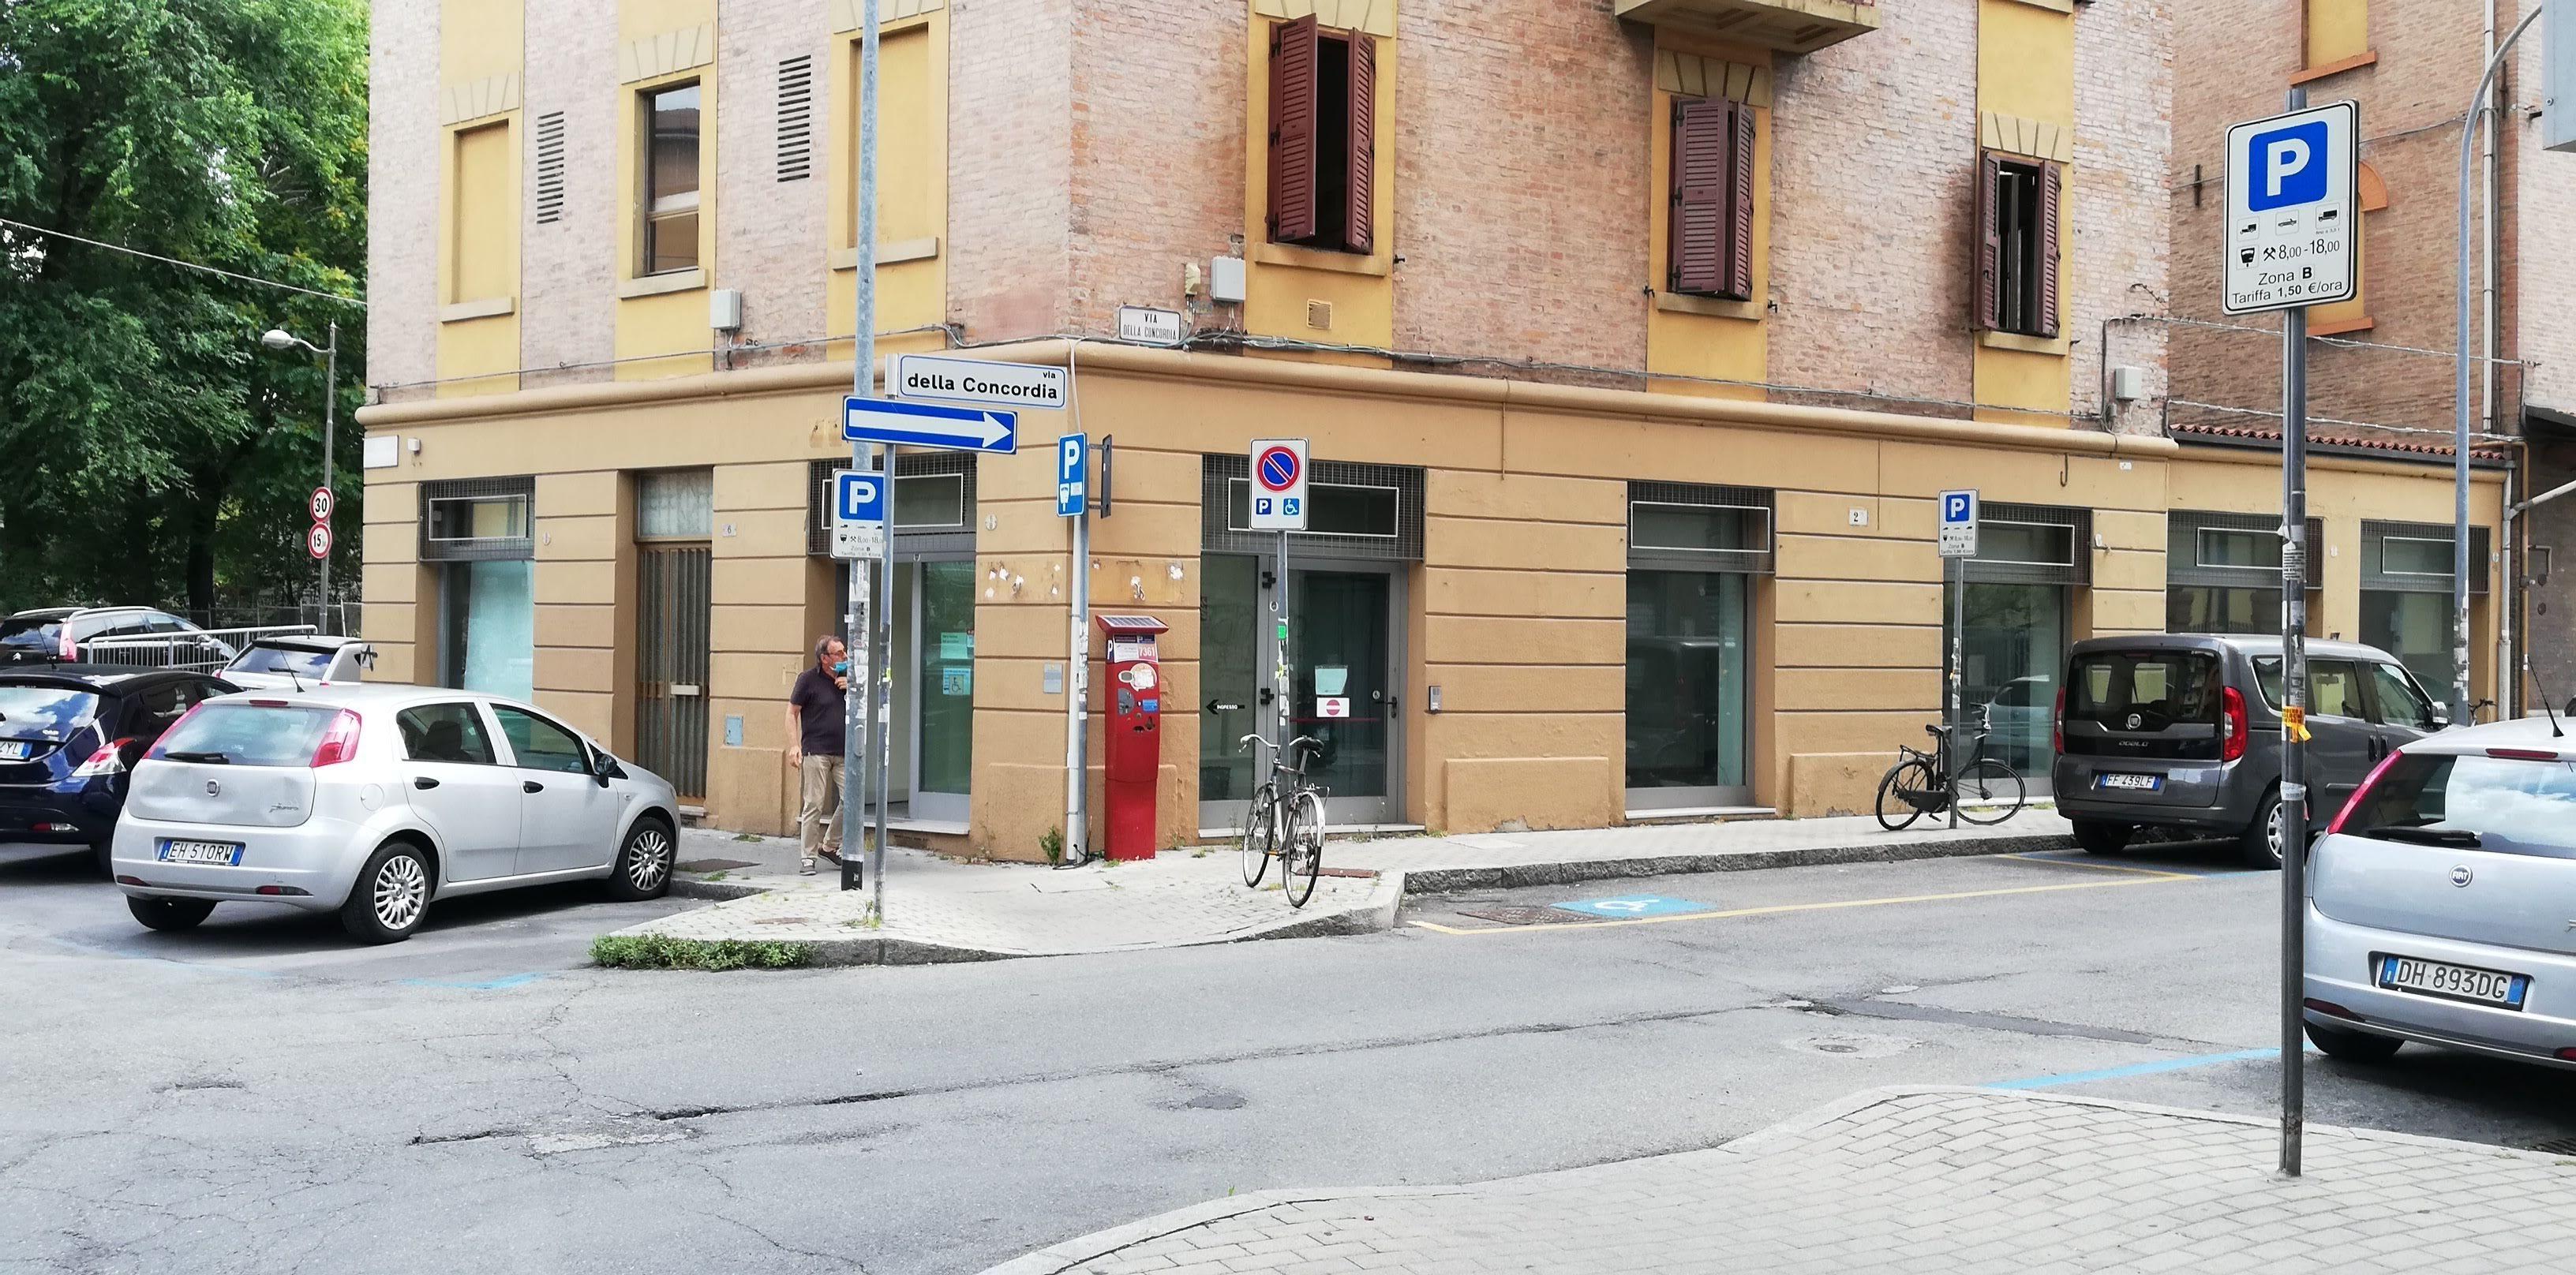 Negozio uso commerciale vendita a Bologna